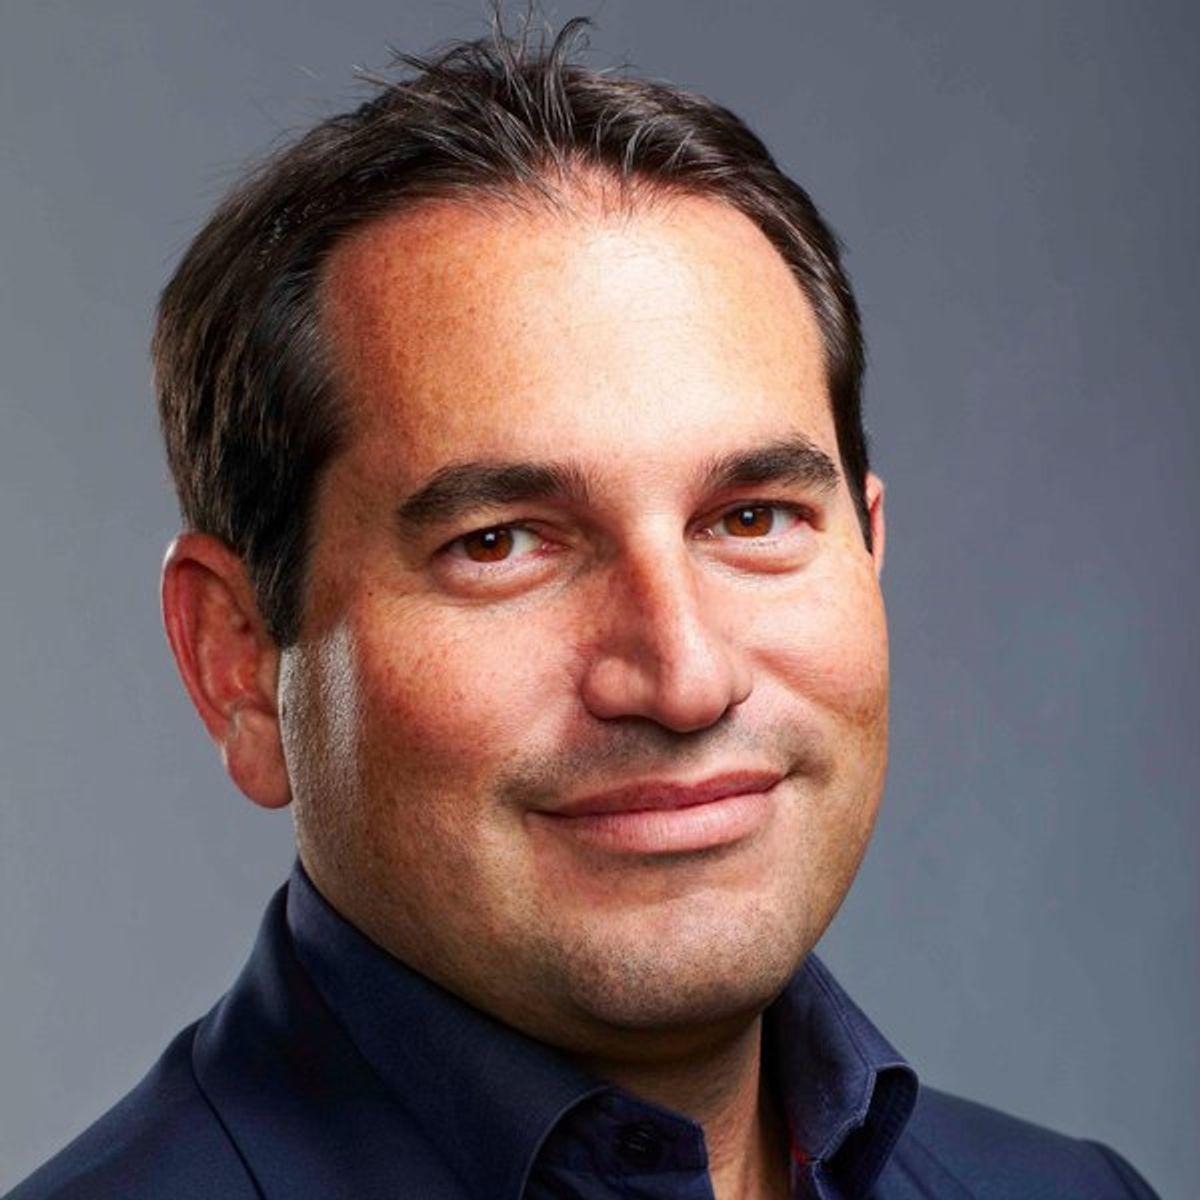 Photo of Steven Rosenblatt, General Partner at Oceans